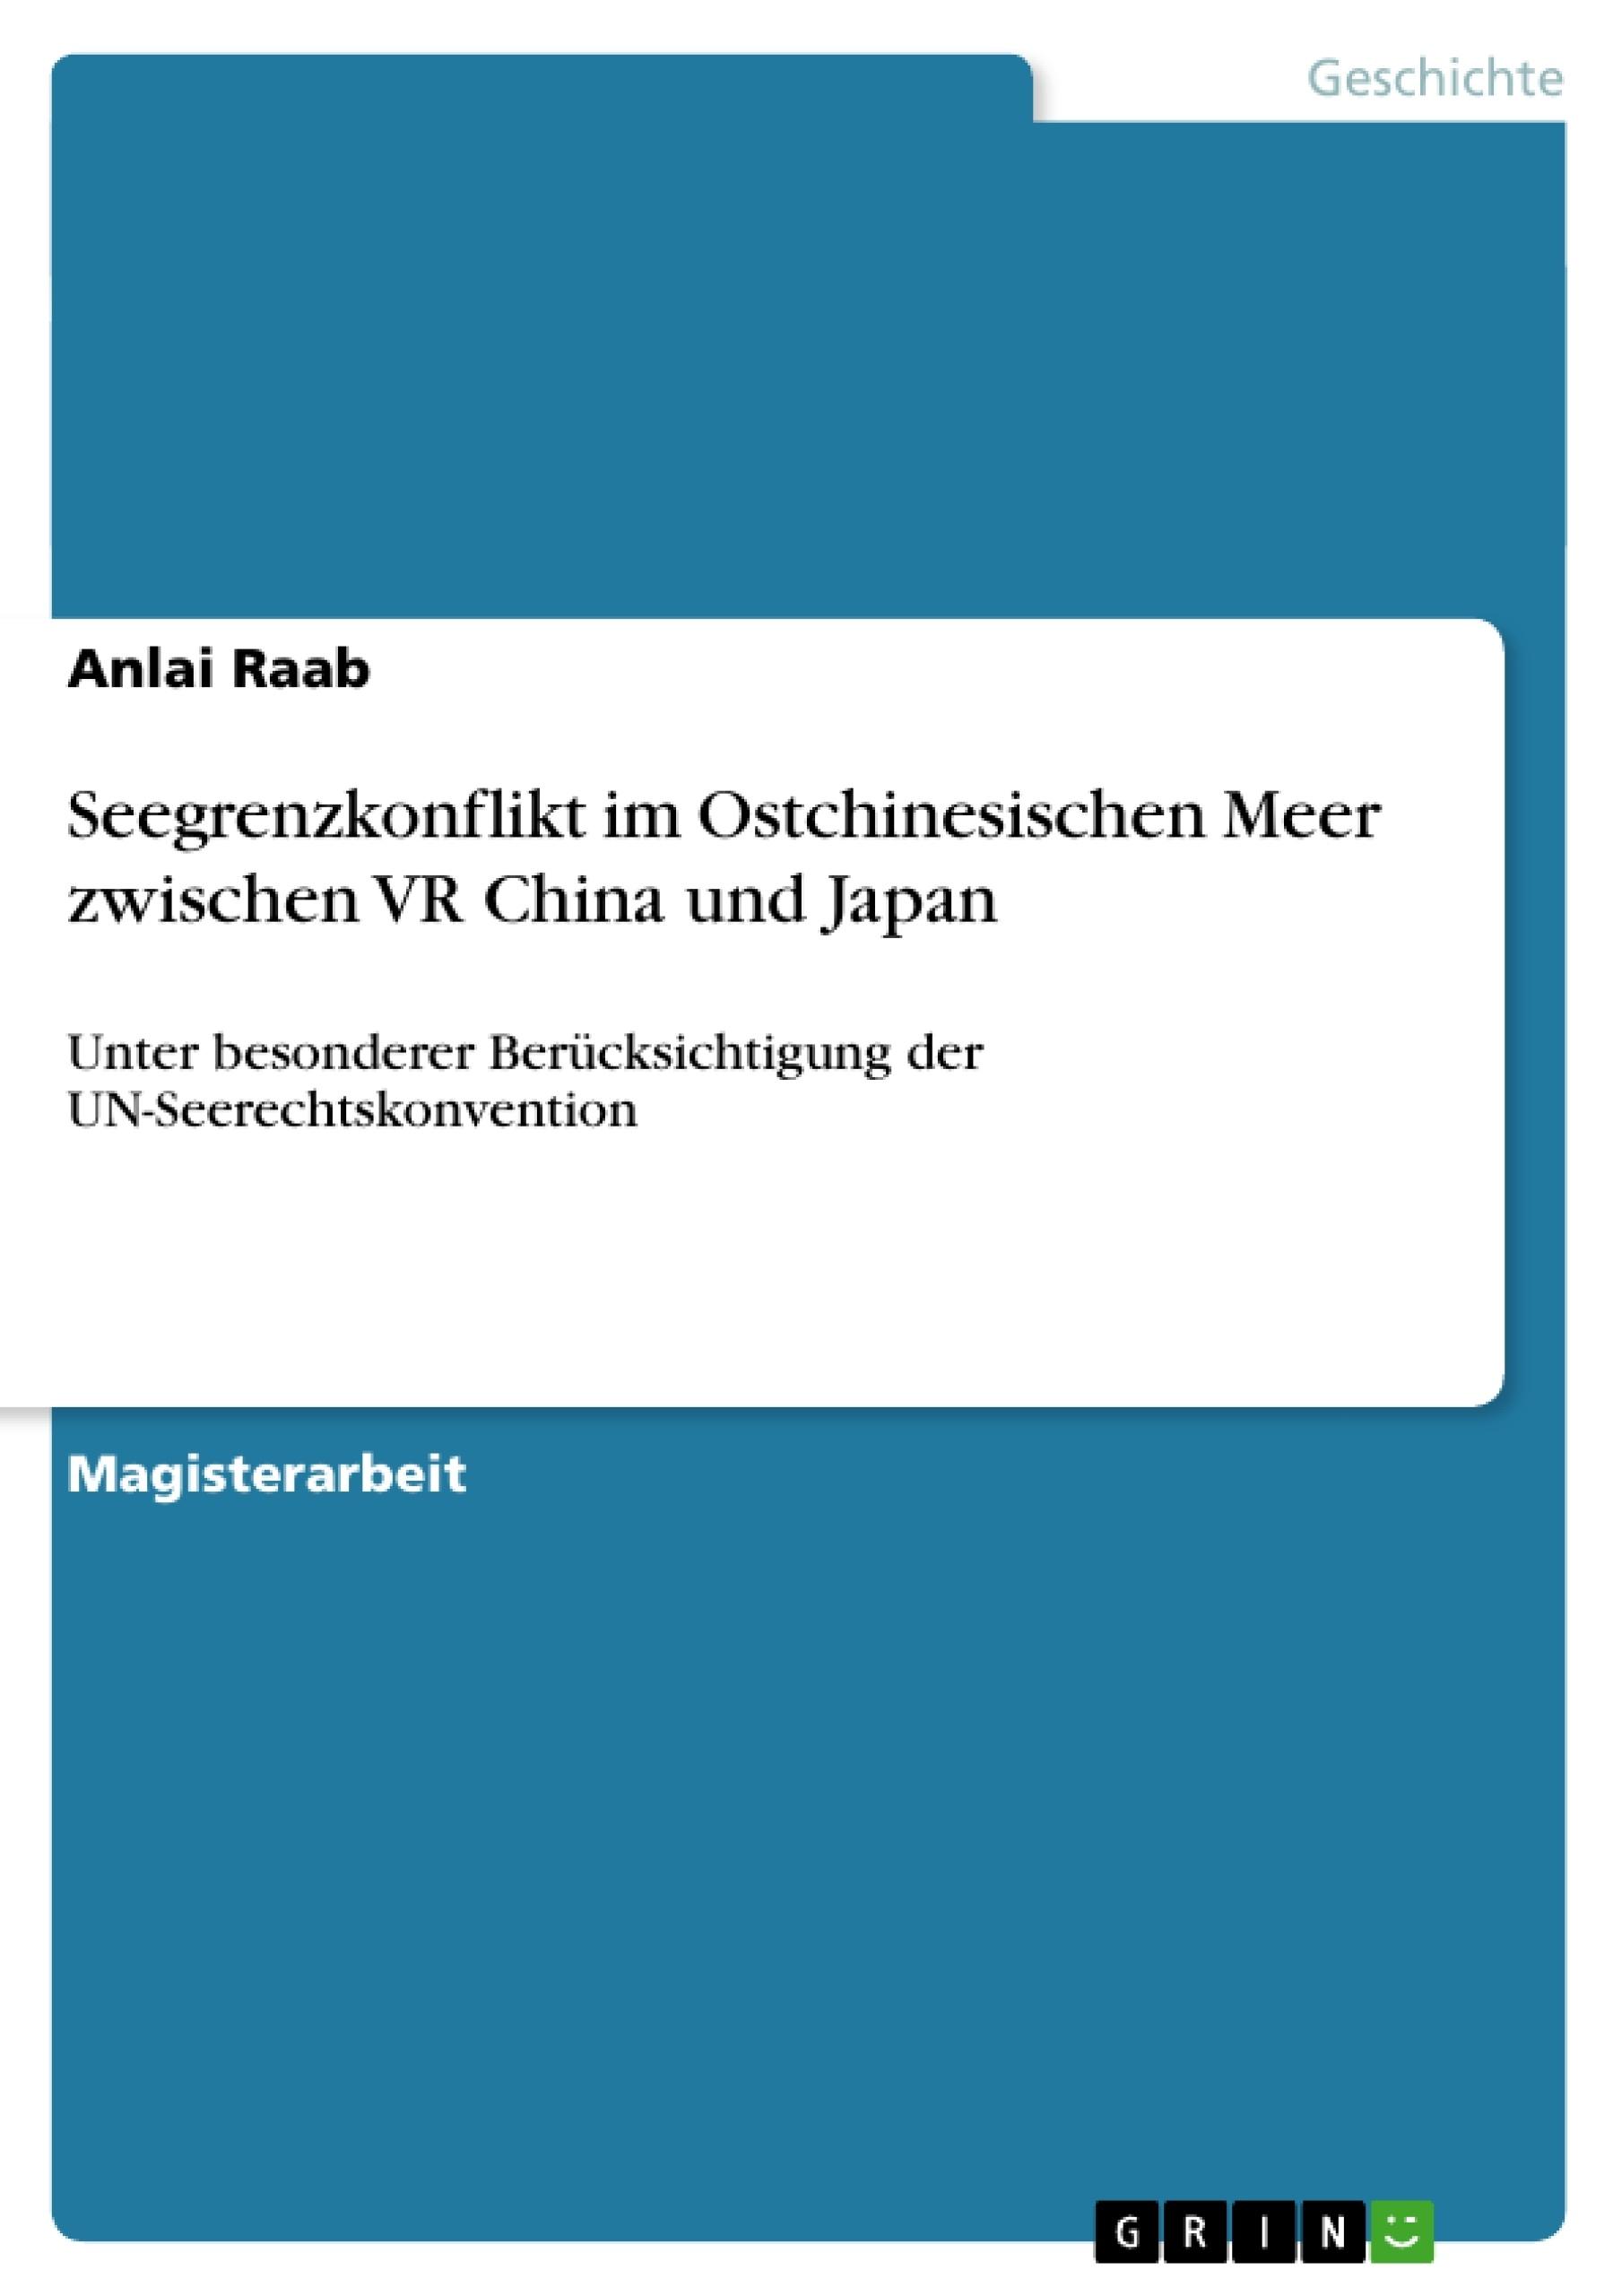 Titel: Seegrenzkonflikt im Ostchinesischen Meer zwischen VR China und Japan